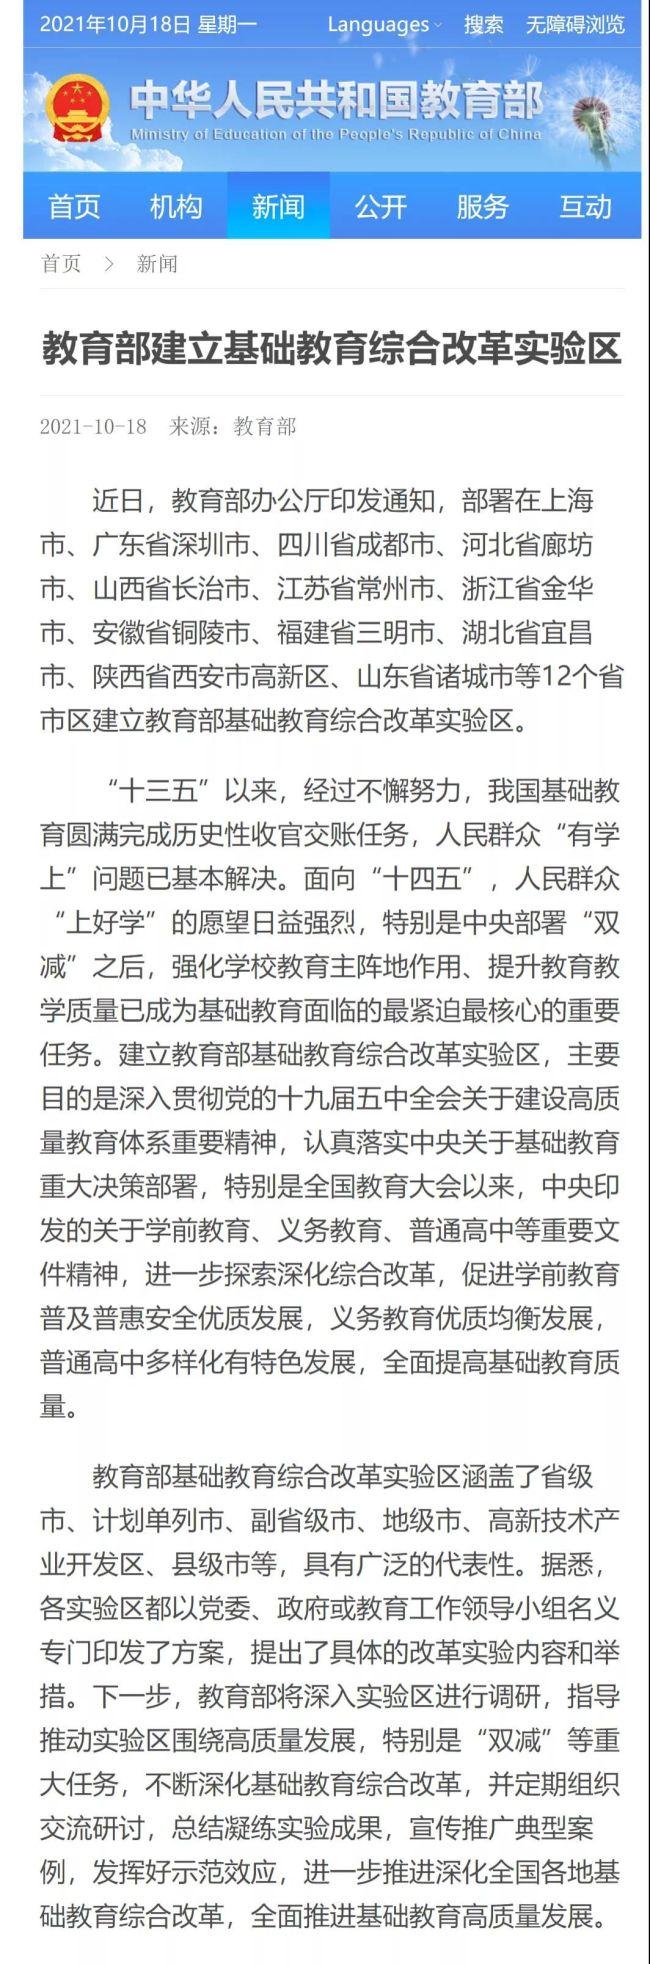 """多地教育局辟谣:""""缩短学制,9年读完高中""""系不实消息"""